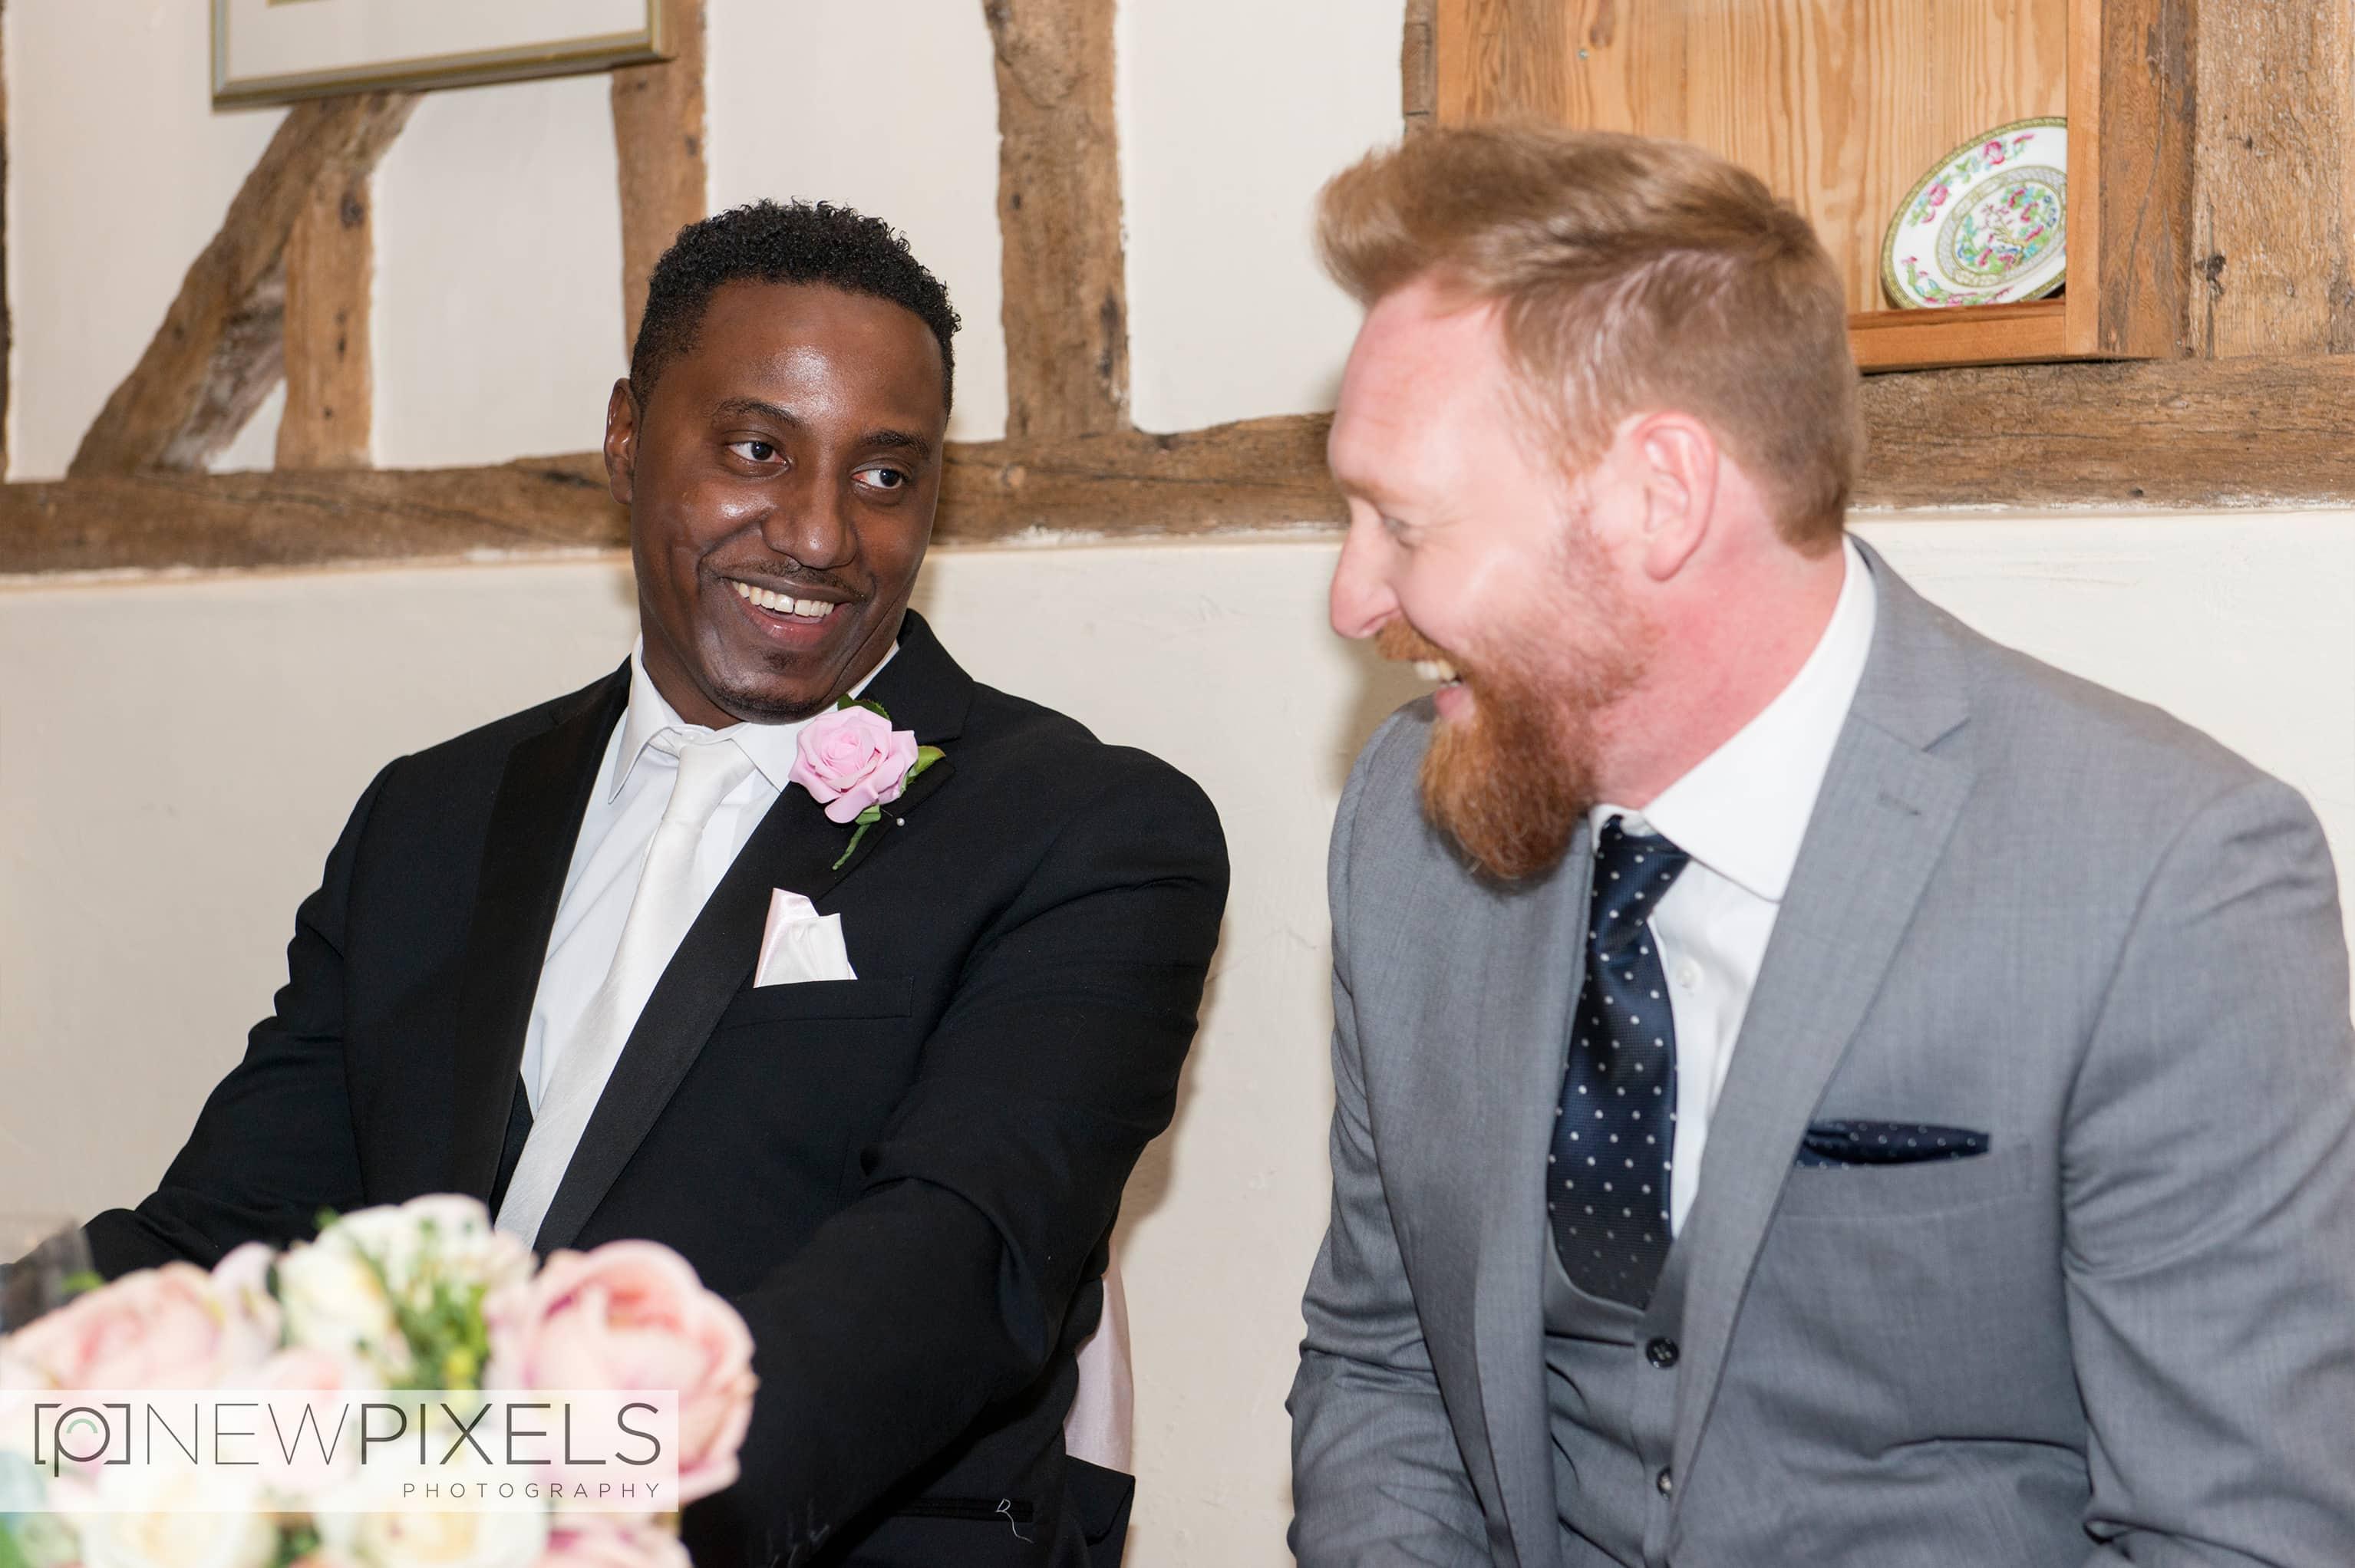 Reid_Rooms_Wedding_Photography_NewPixels6